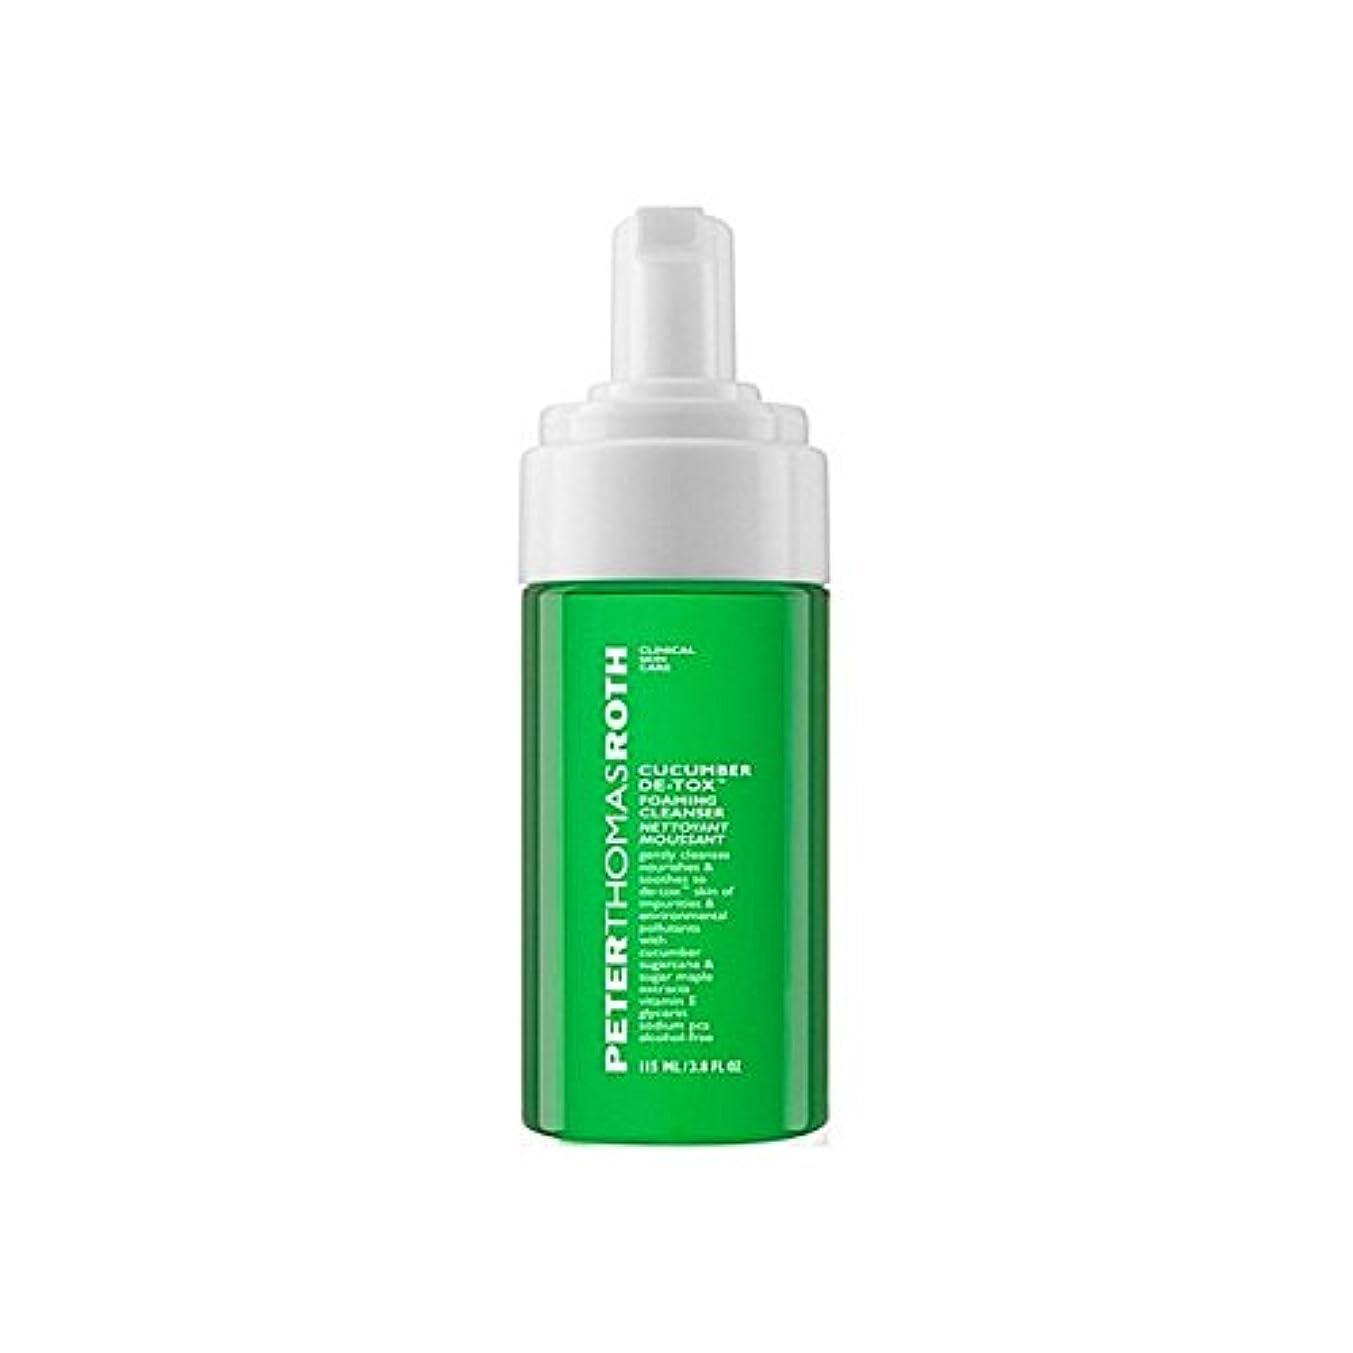 凶暴な喪計算可能Peter Thomas Roth Cucumber De-Tox Foaming Cleanser (Pack of 6) - ピータートーマスロスキュウリデ発泡クレンザー x6 [並行輸入品]